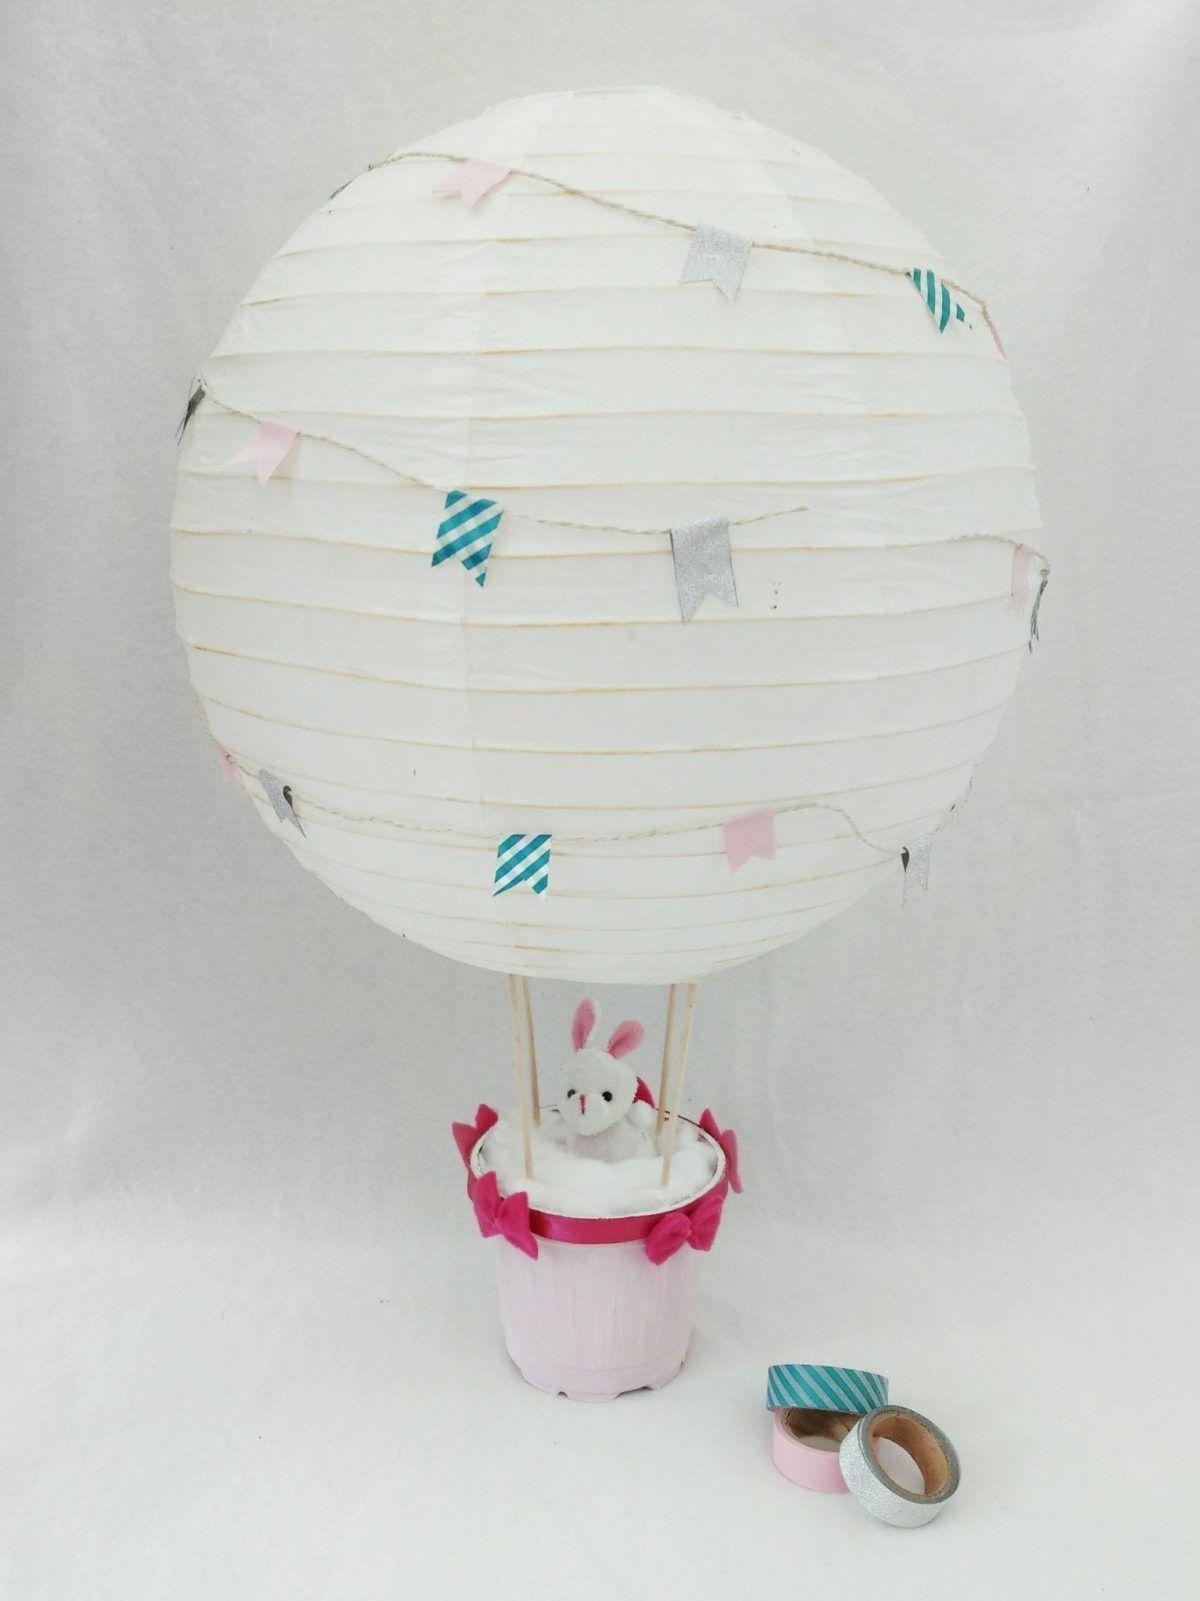 Heißluftballon Dekoration für das Kinderzimmer - Basteln für Kinder ...